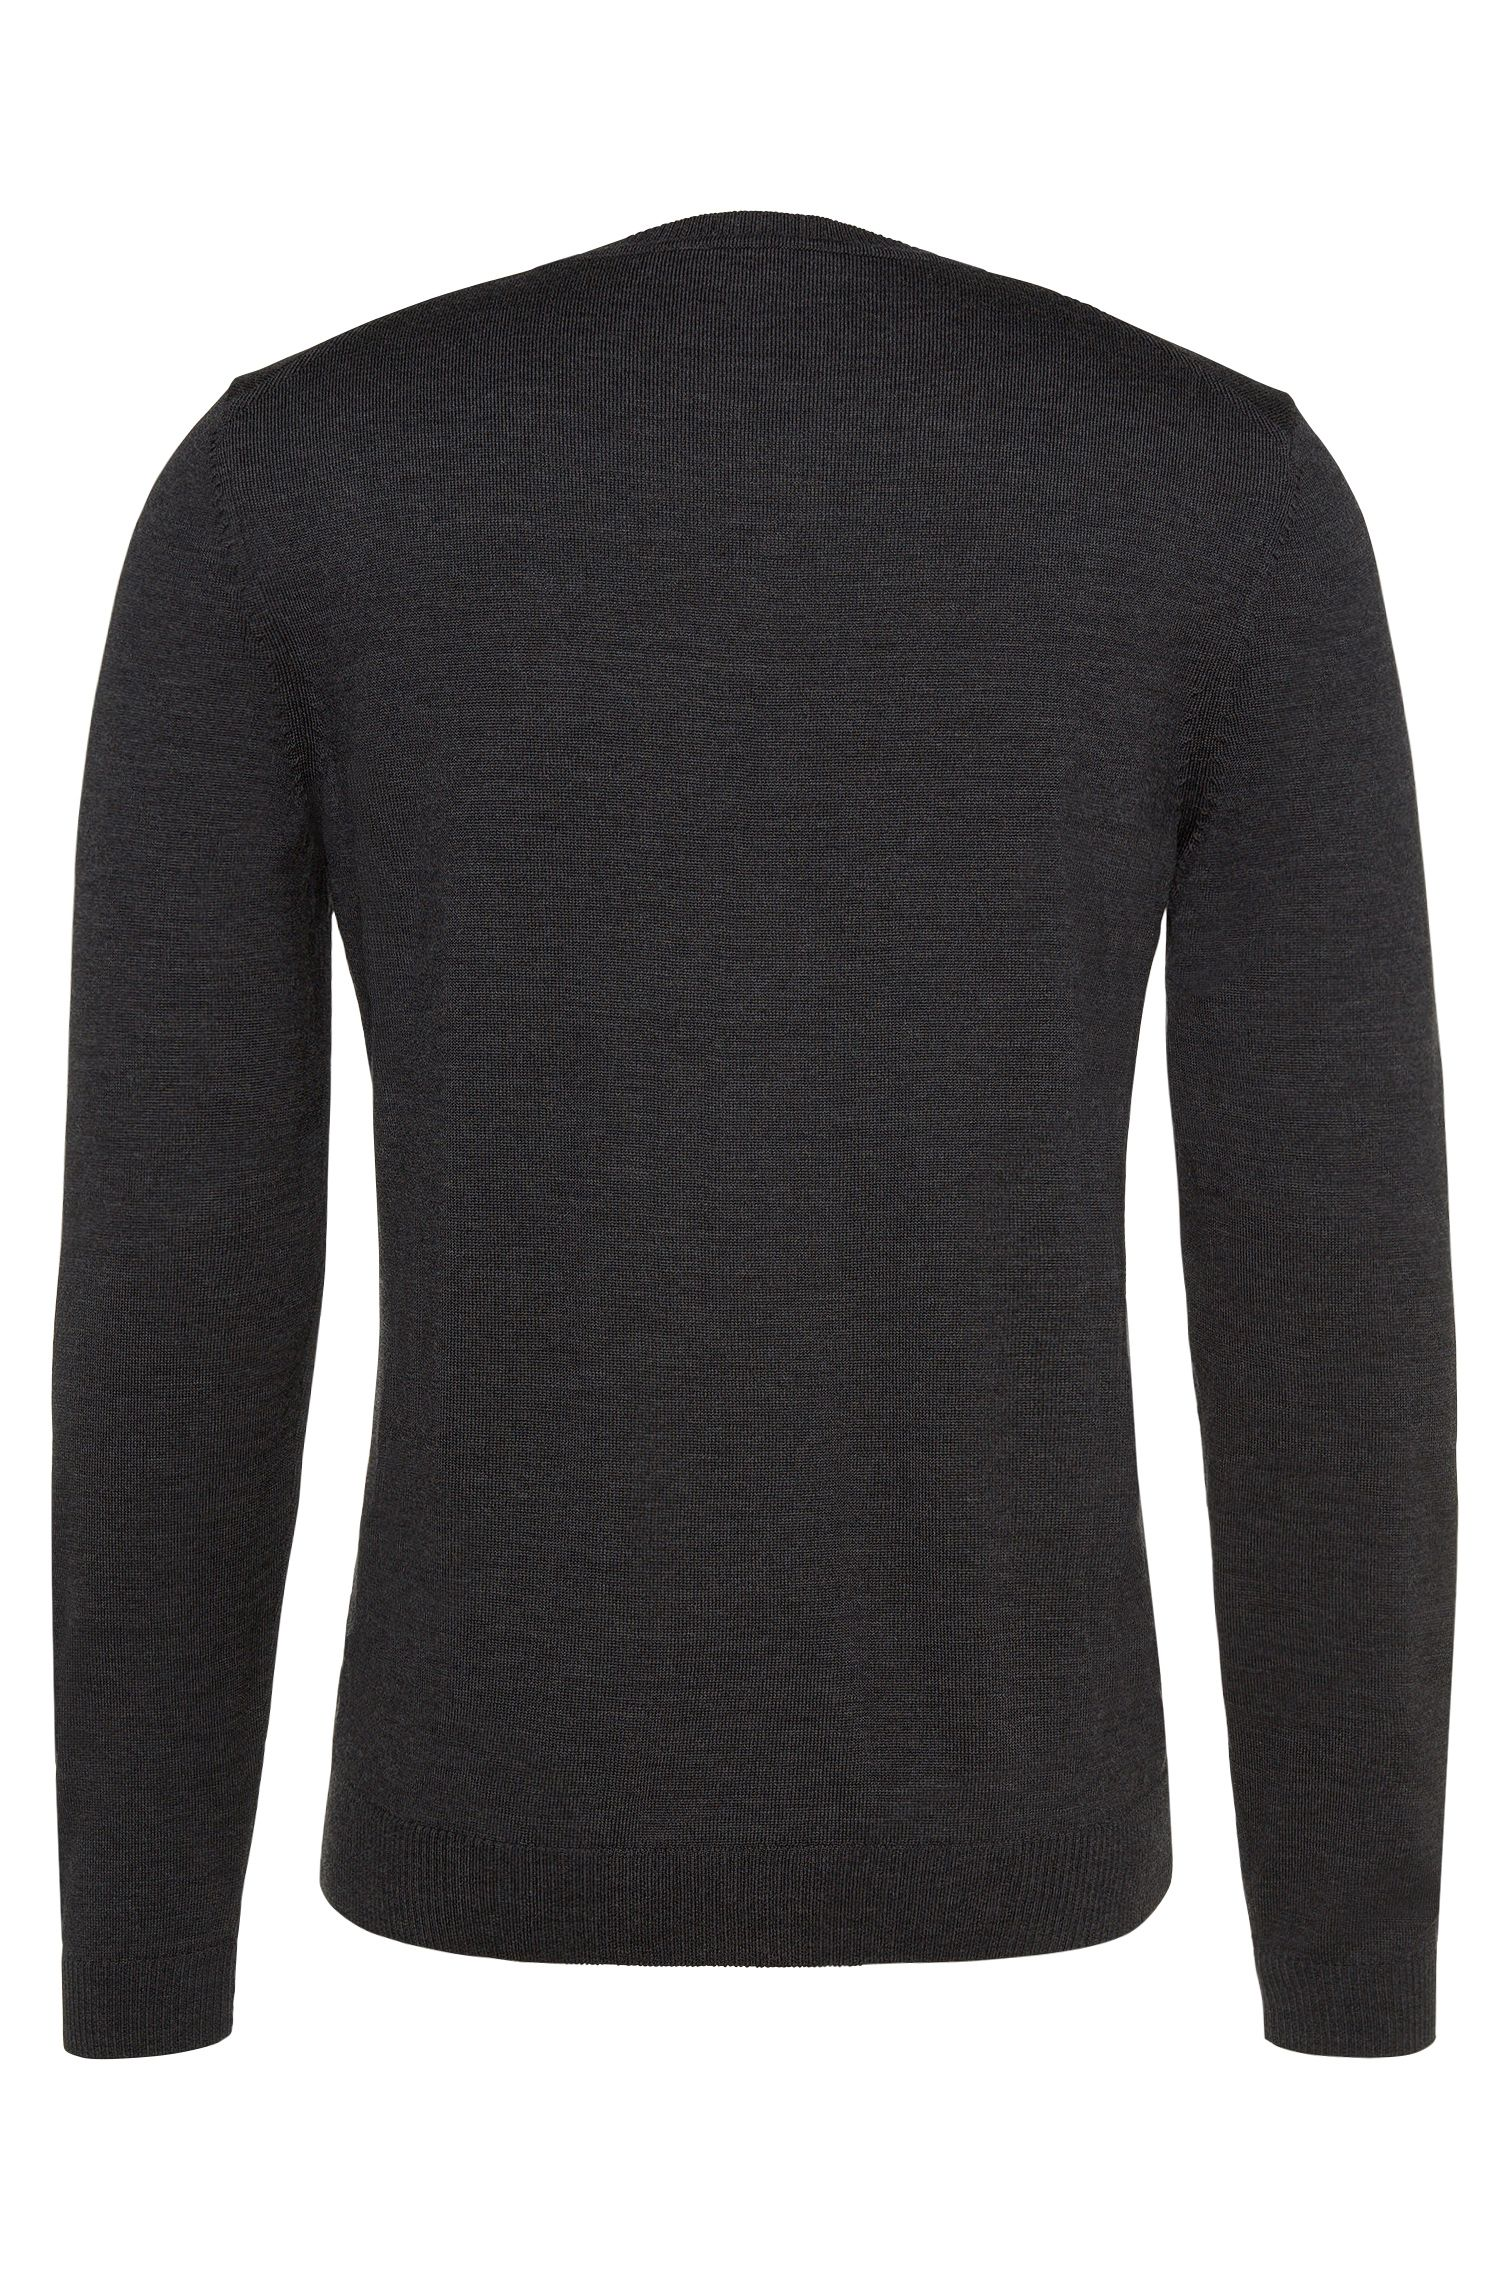 Regular-Fit Pullover aus Schurwolle in Feinstrick-Qualität: 'Bagritte-B'